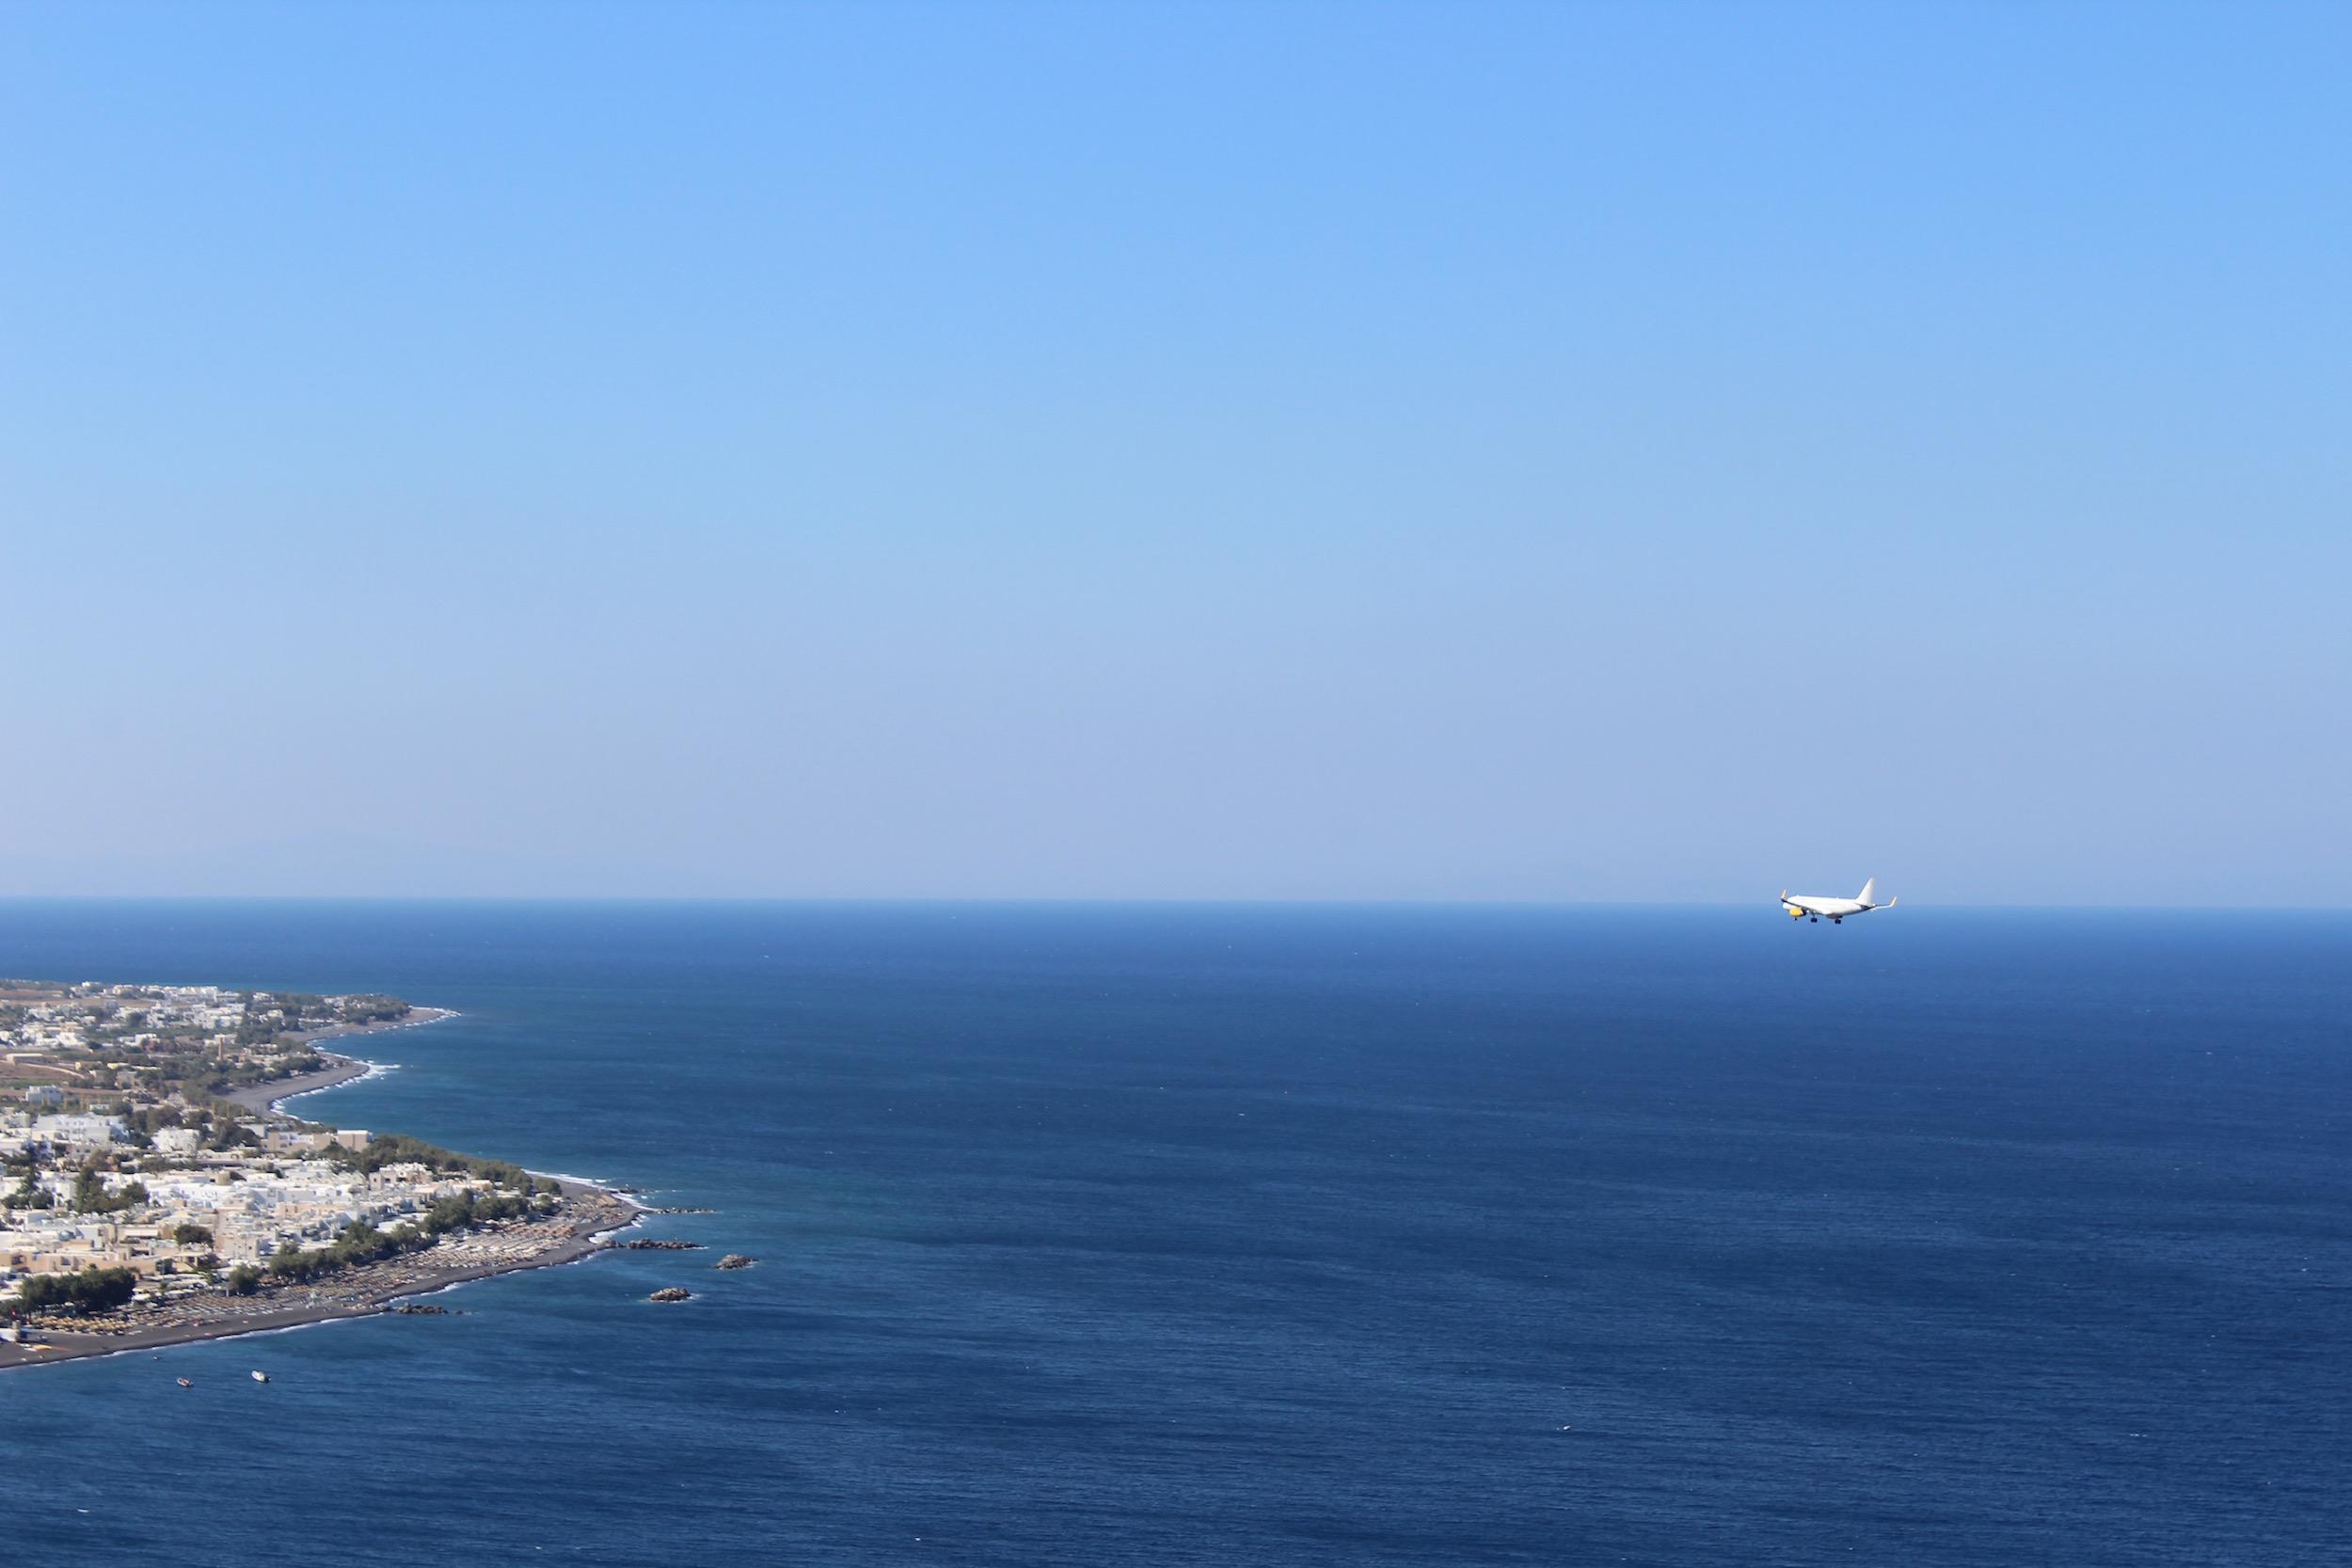 Plane landing Askitaria